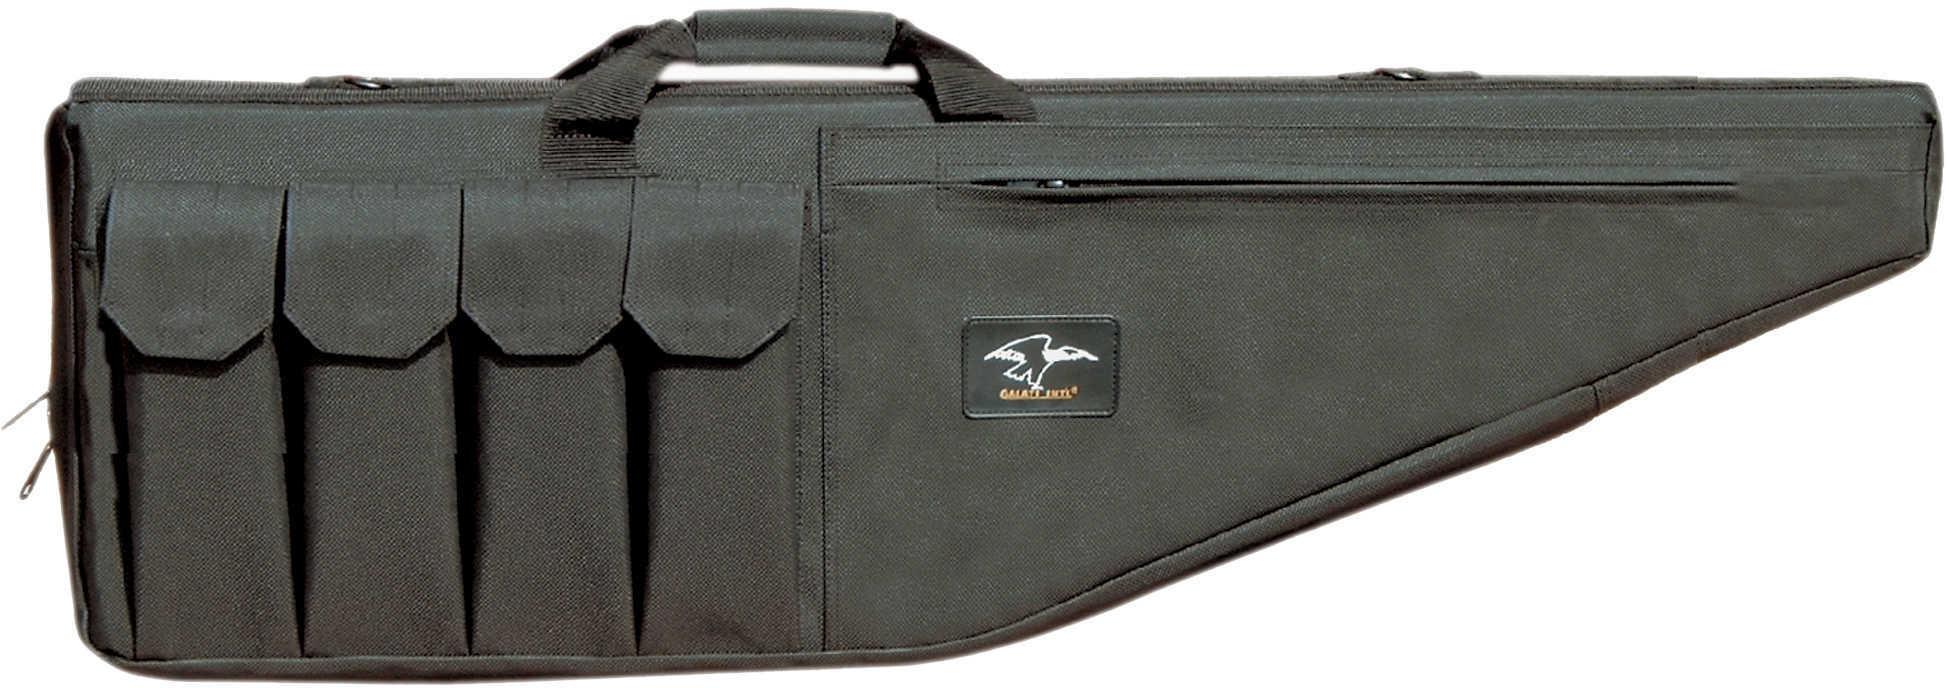 """Rifle Case 37"""" XT Md: 3708XT"""